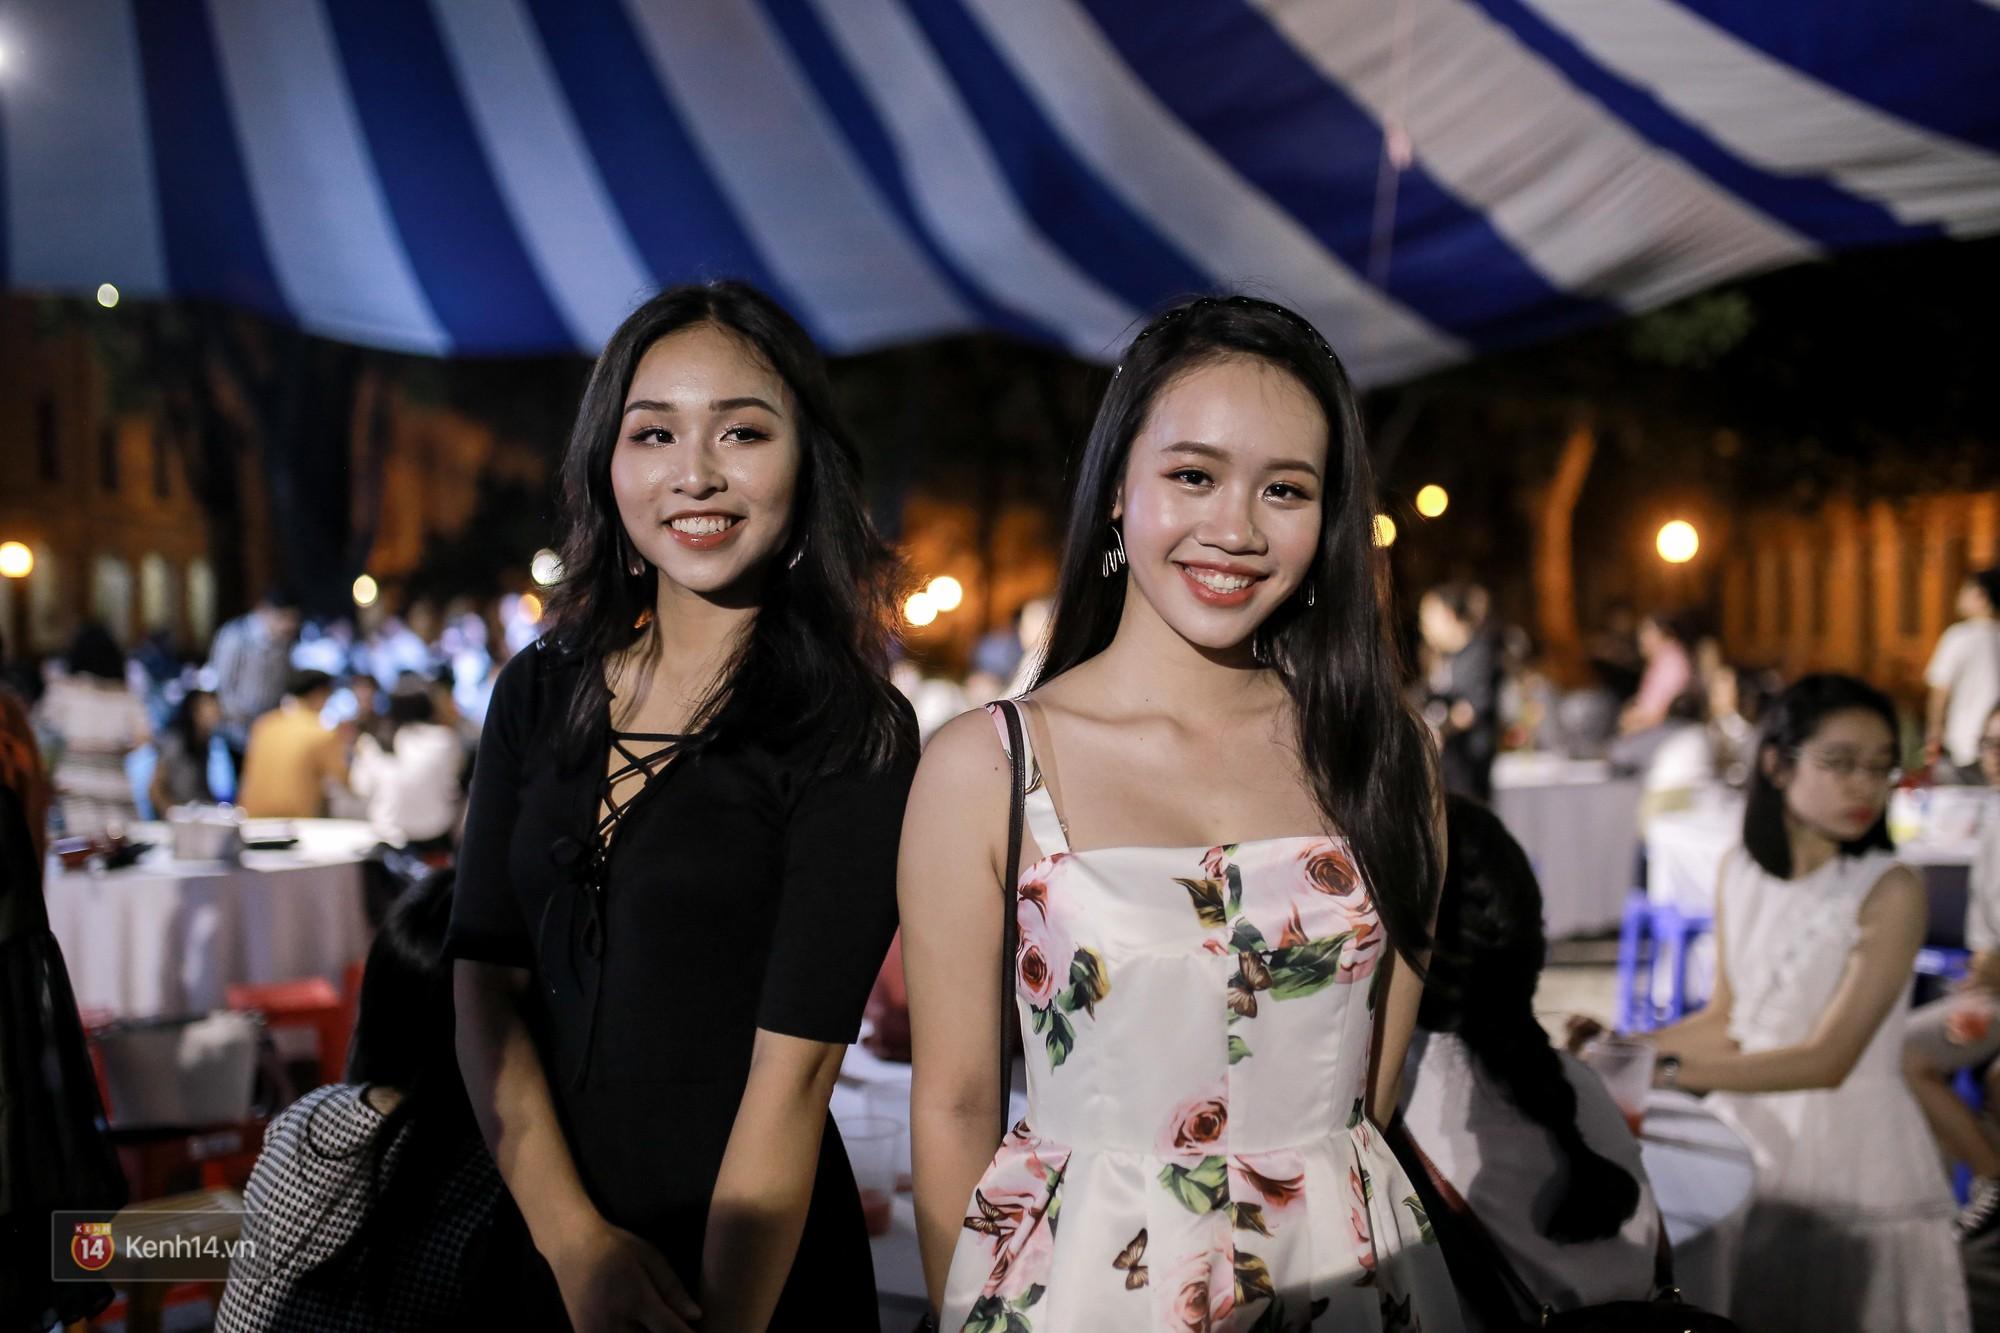 Nữ sinh Chu Văn An xinh ngẩn ngơ trong đêm tri ân/ trưởng thành - Ảnh 1.